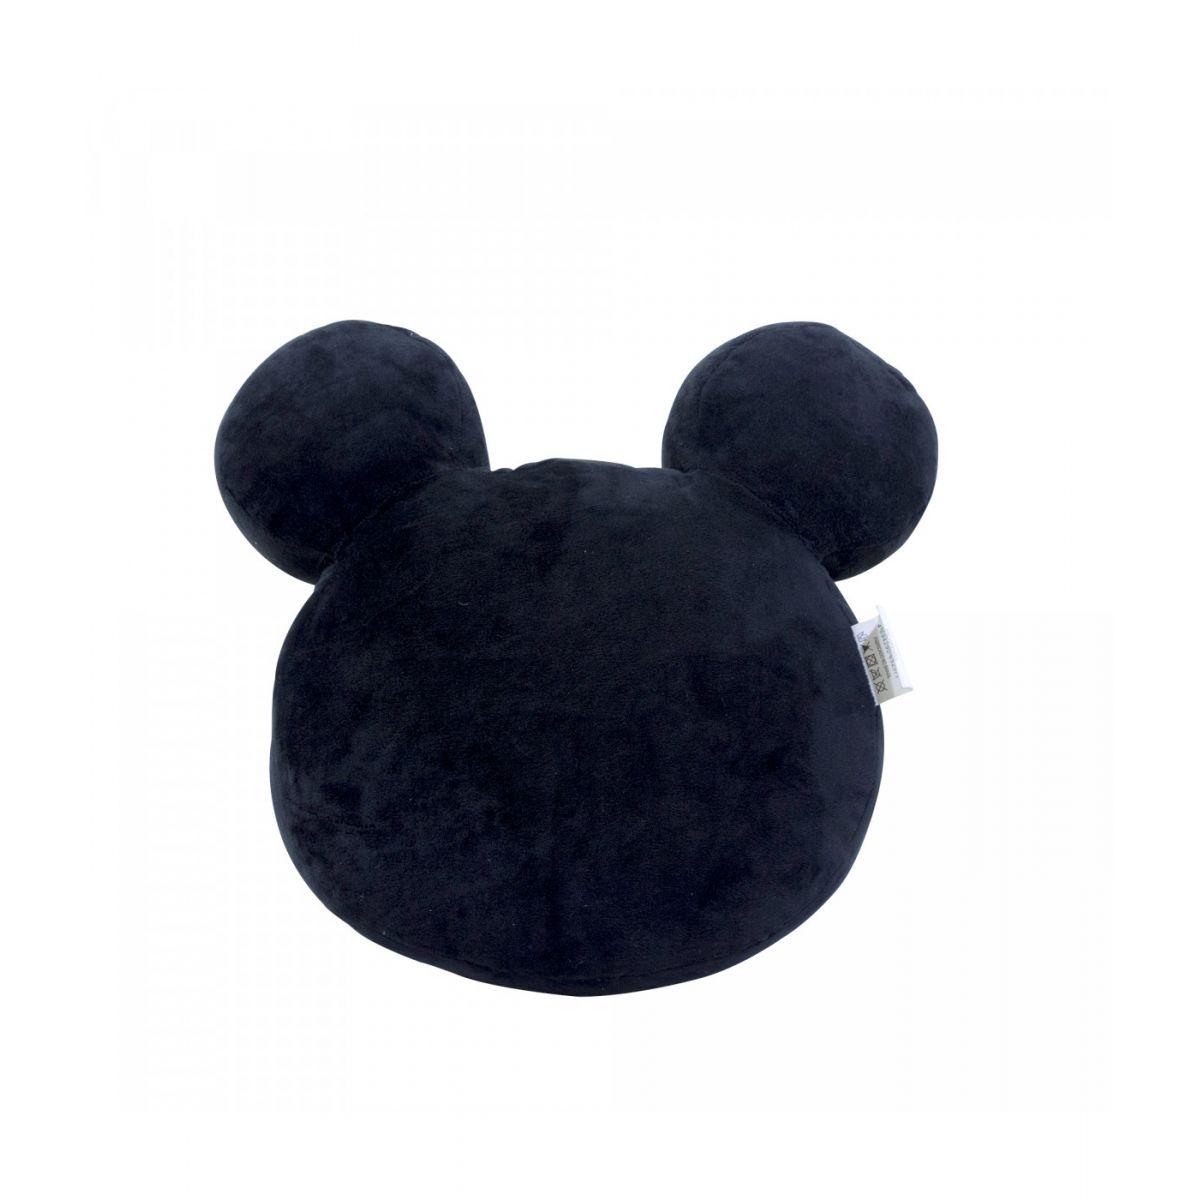 Almofada Tsum Tsum Mickey Mouse - Disney